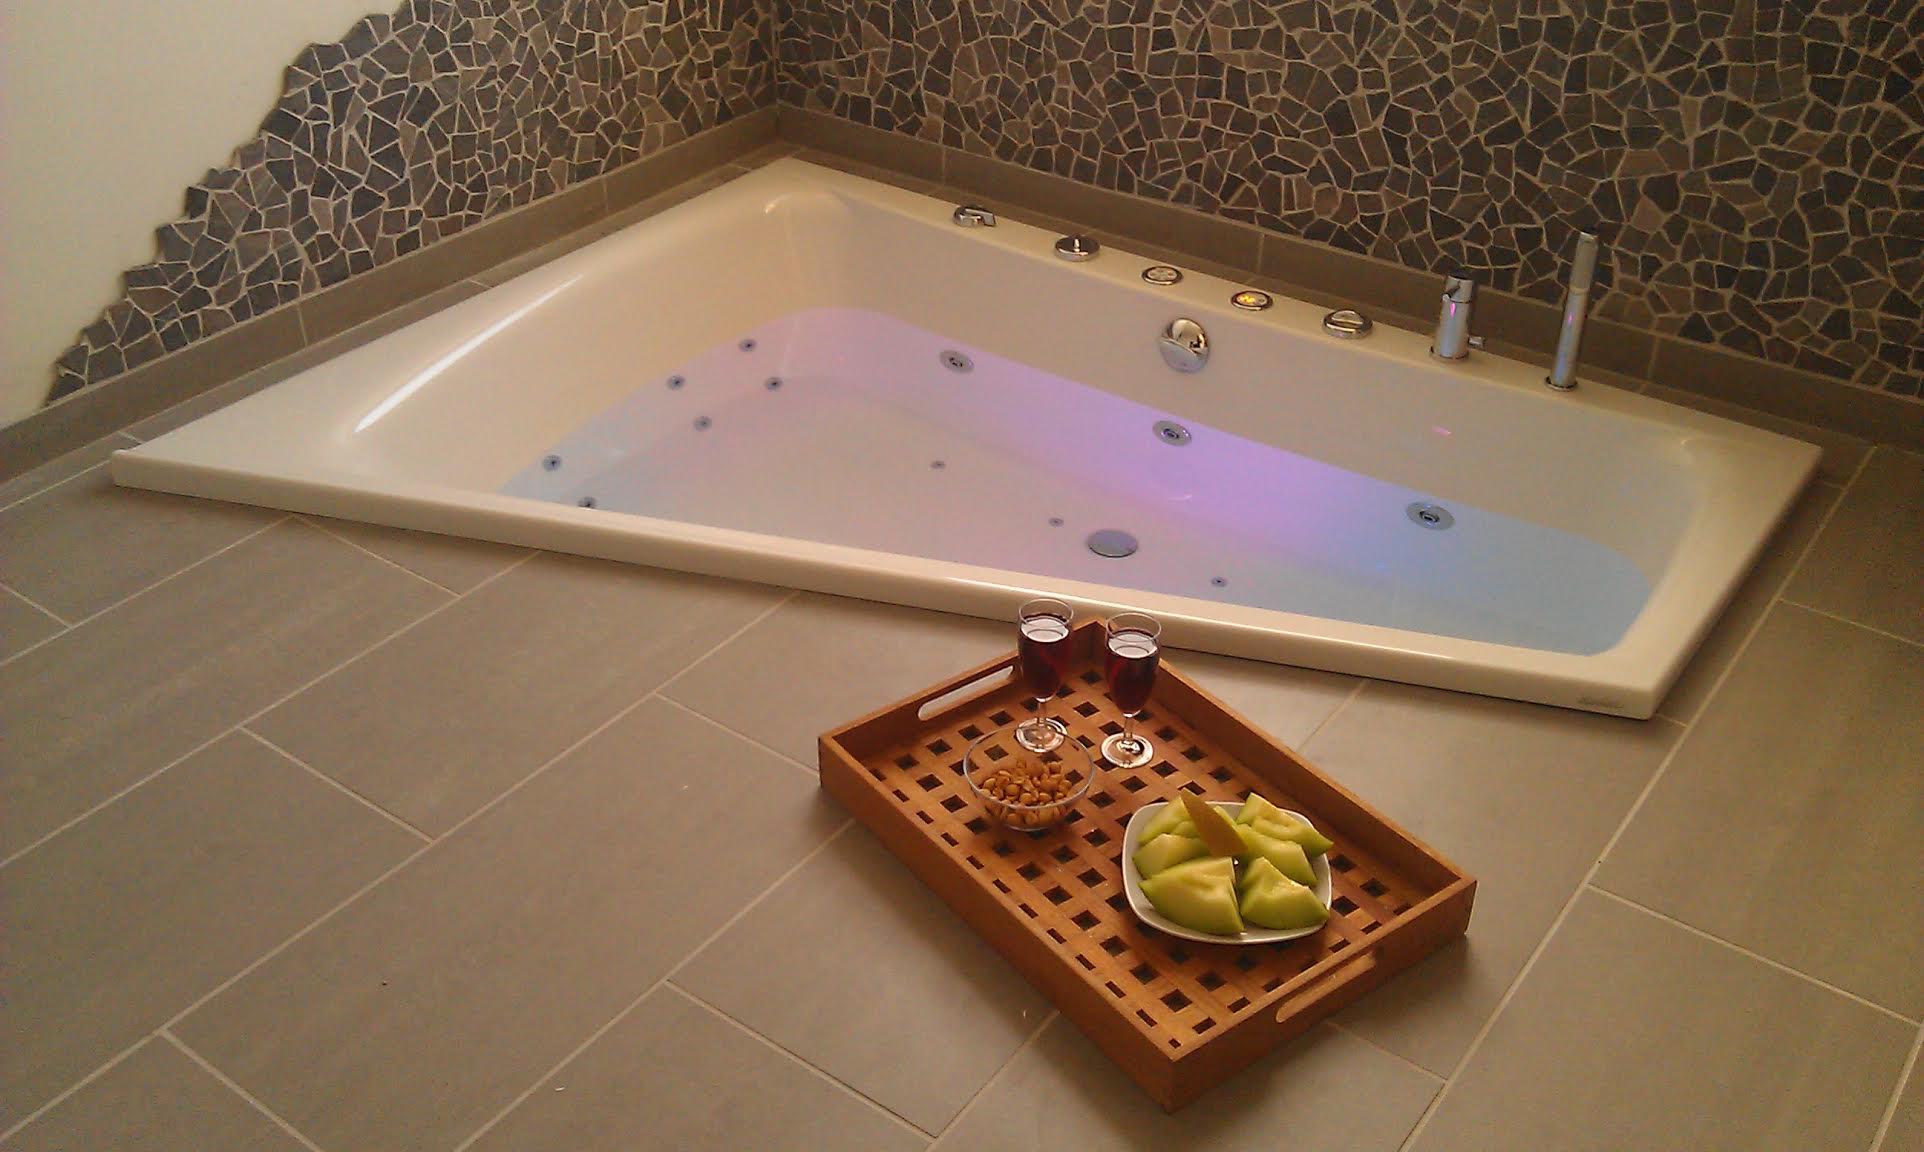 indbygget badekar Indbygget eller indmuret Badekar   Se mulighederne hos Danline indbygget badekar